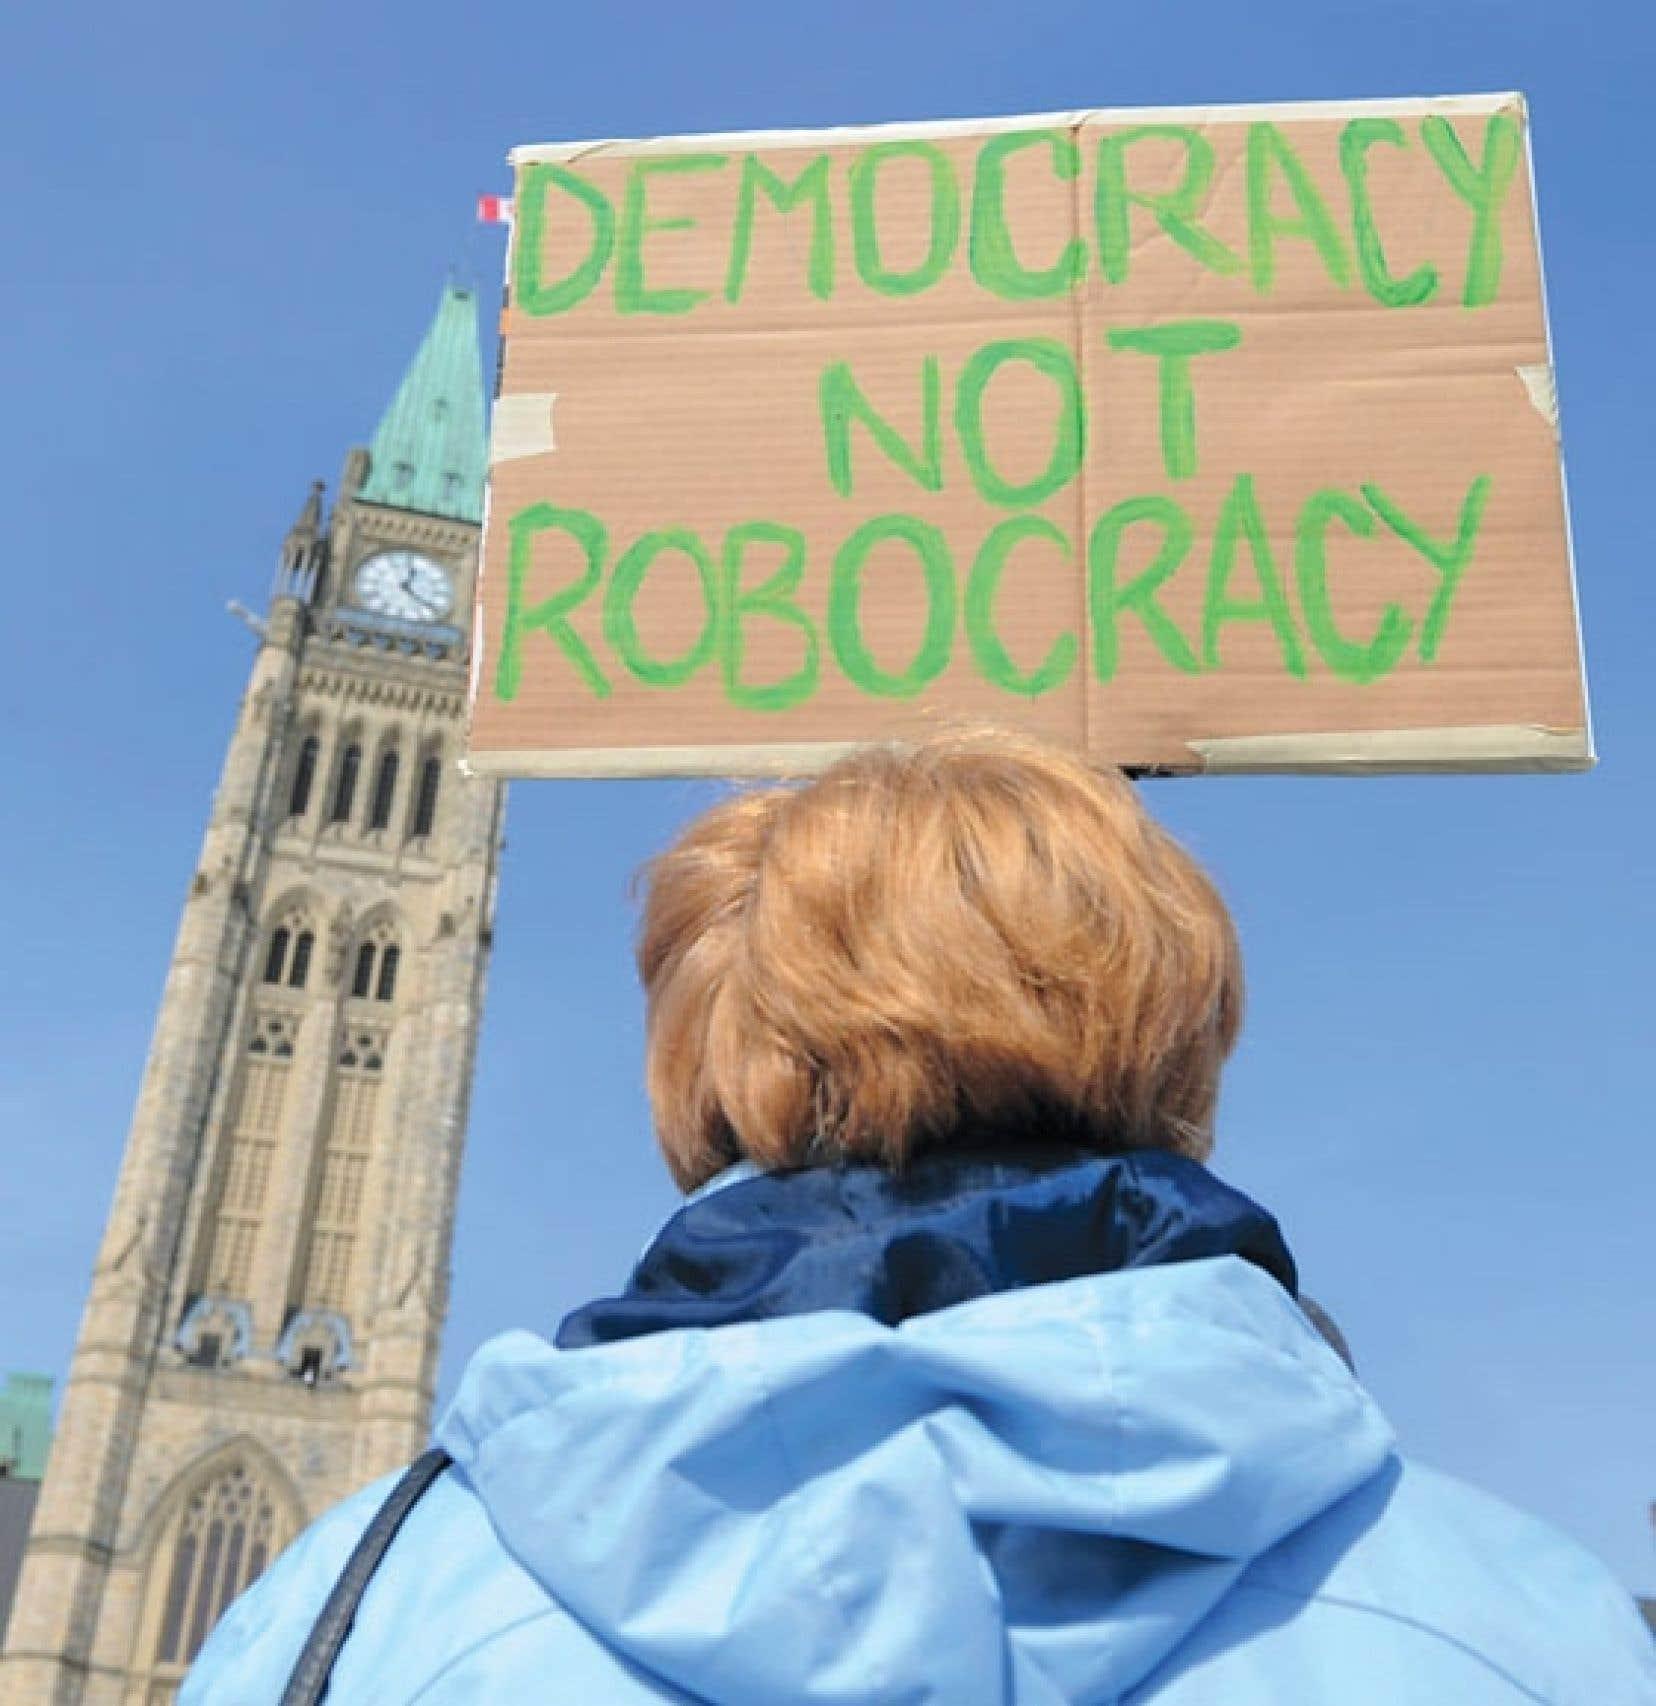 L'éclatement au printemps dernier du scandale des appels frauduleux (ou robotisés) a donné lieu à des manifestations sur la colline parlementaire.